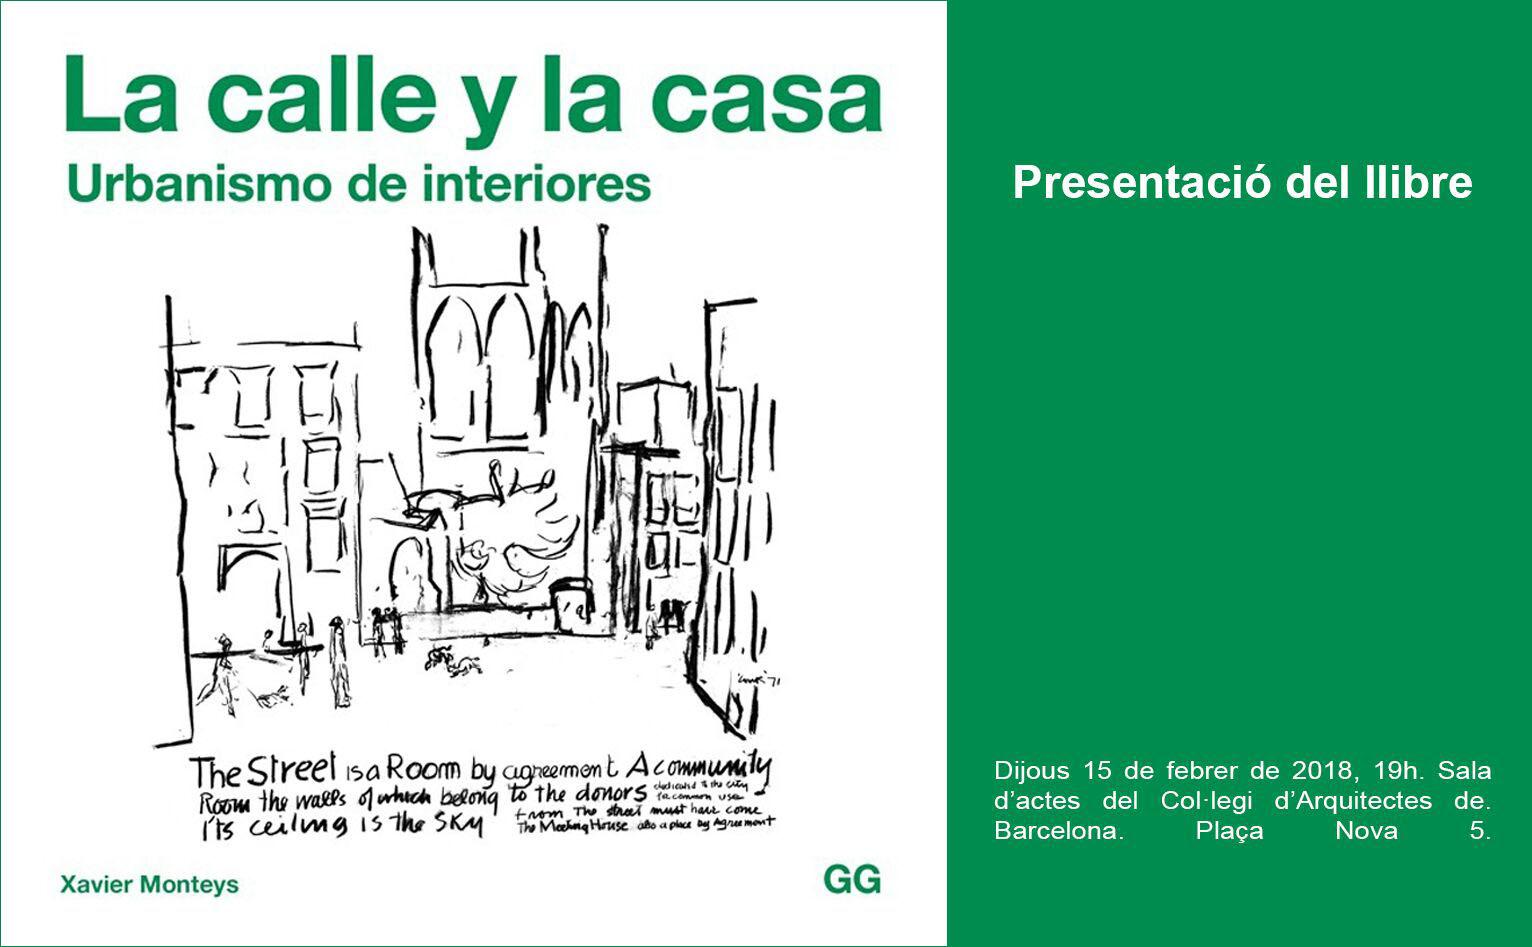 Presentación 15/02 > Xavier Monteys presenta su último libro